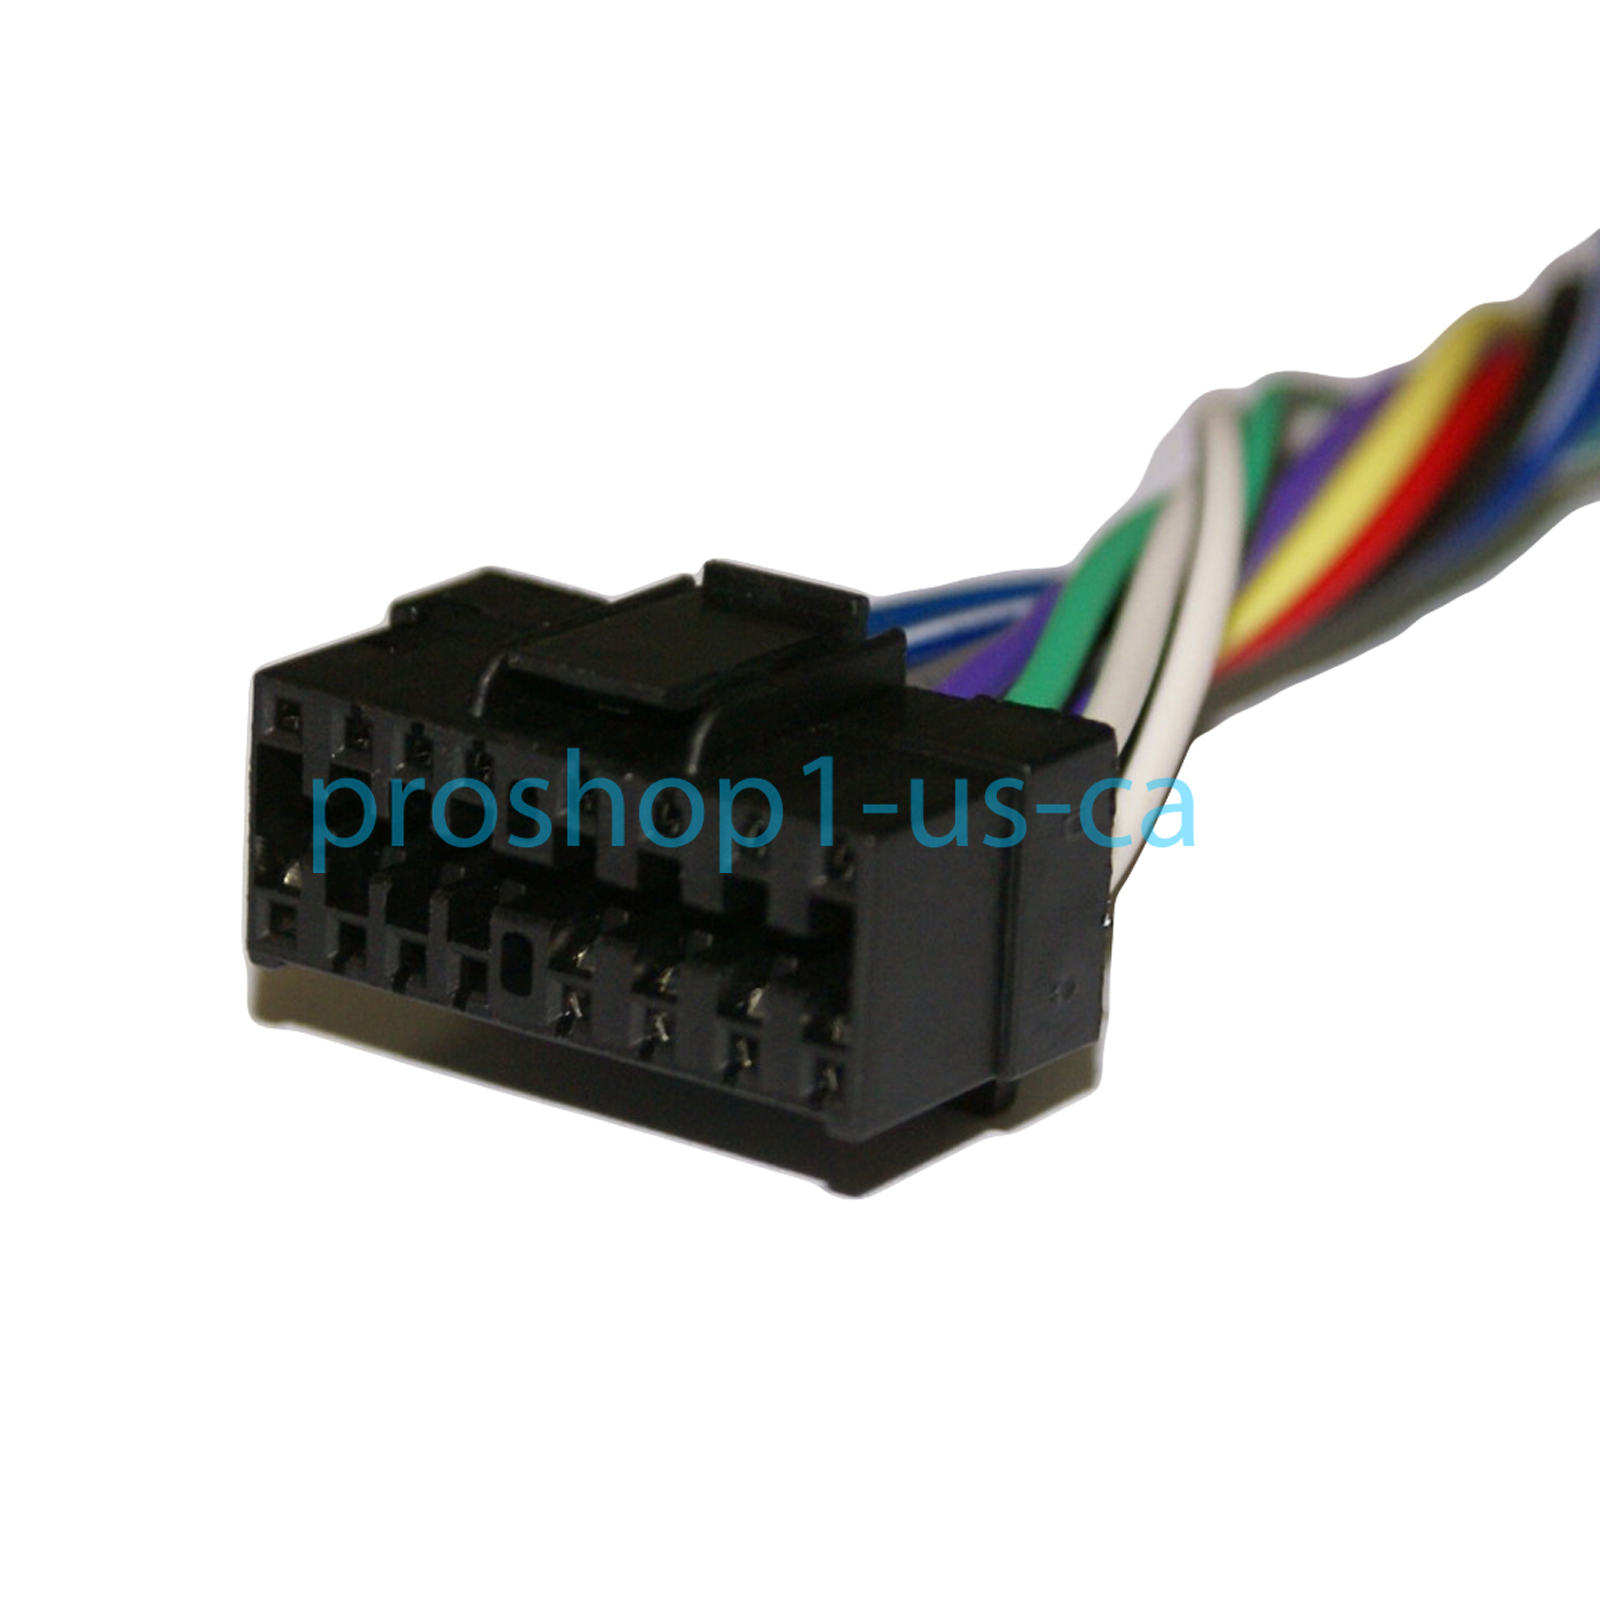 Sony Cdx Ca650x Wiring Sony Cdx F5005x Cdx F5500 Cdx 1300 Wire Harness Wiring